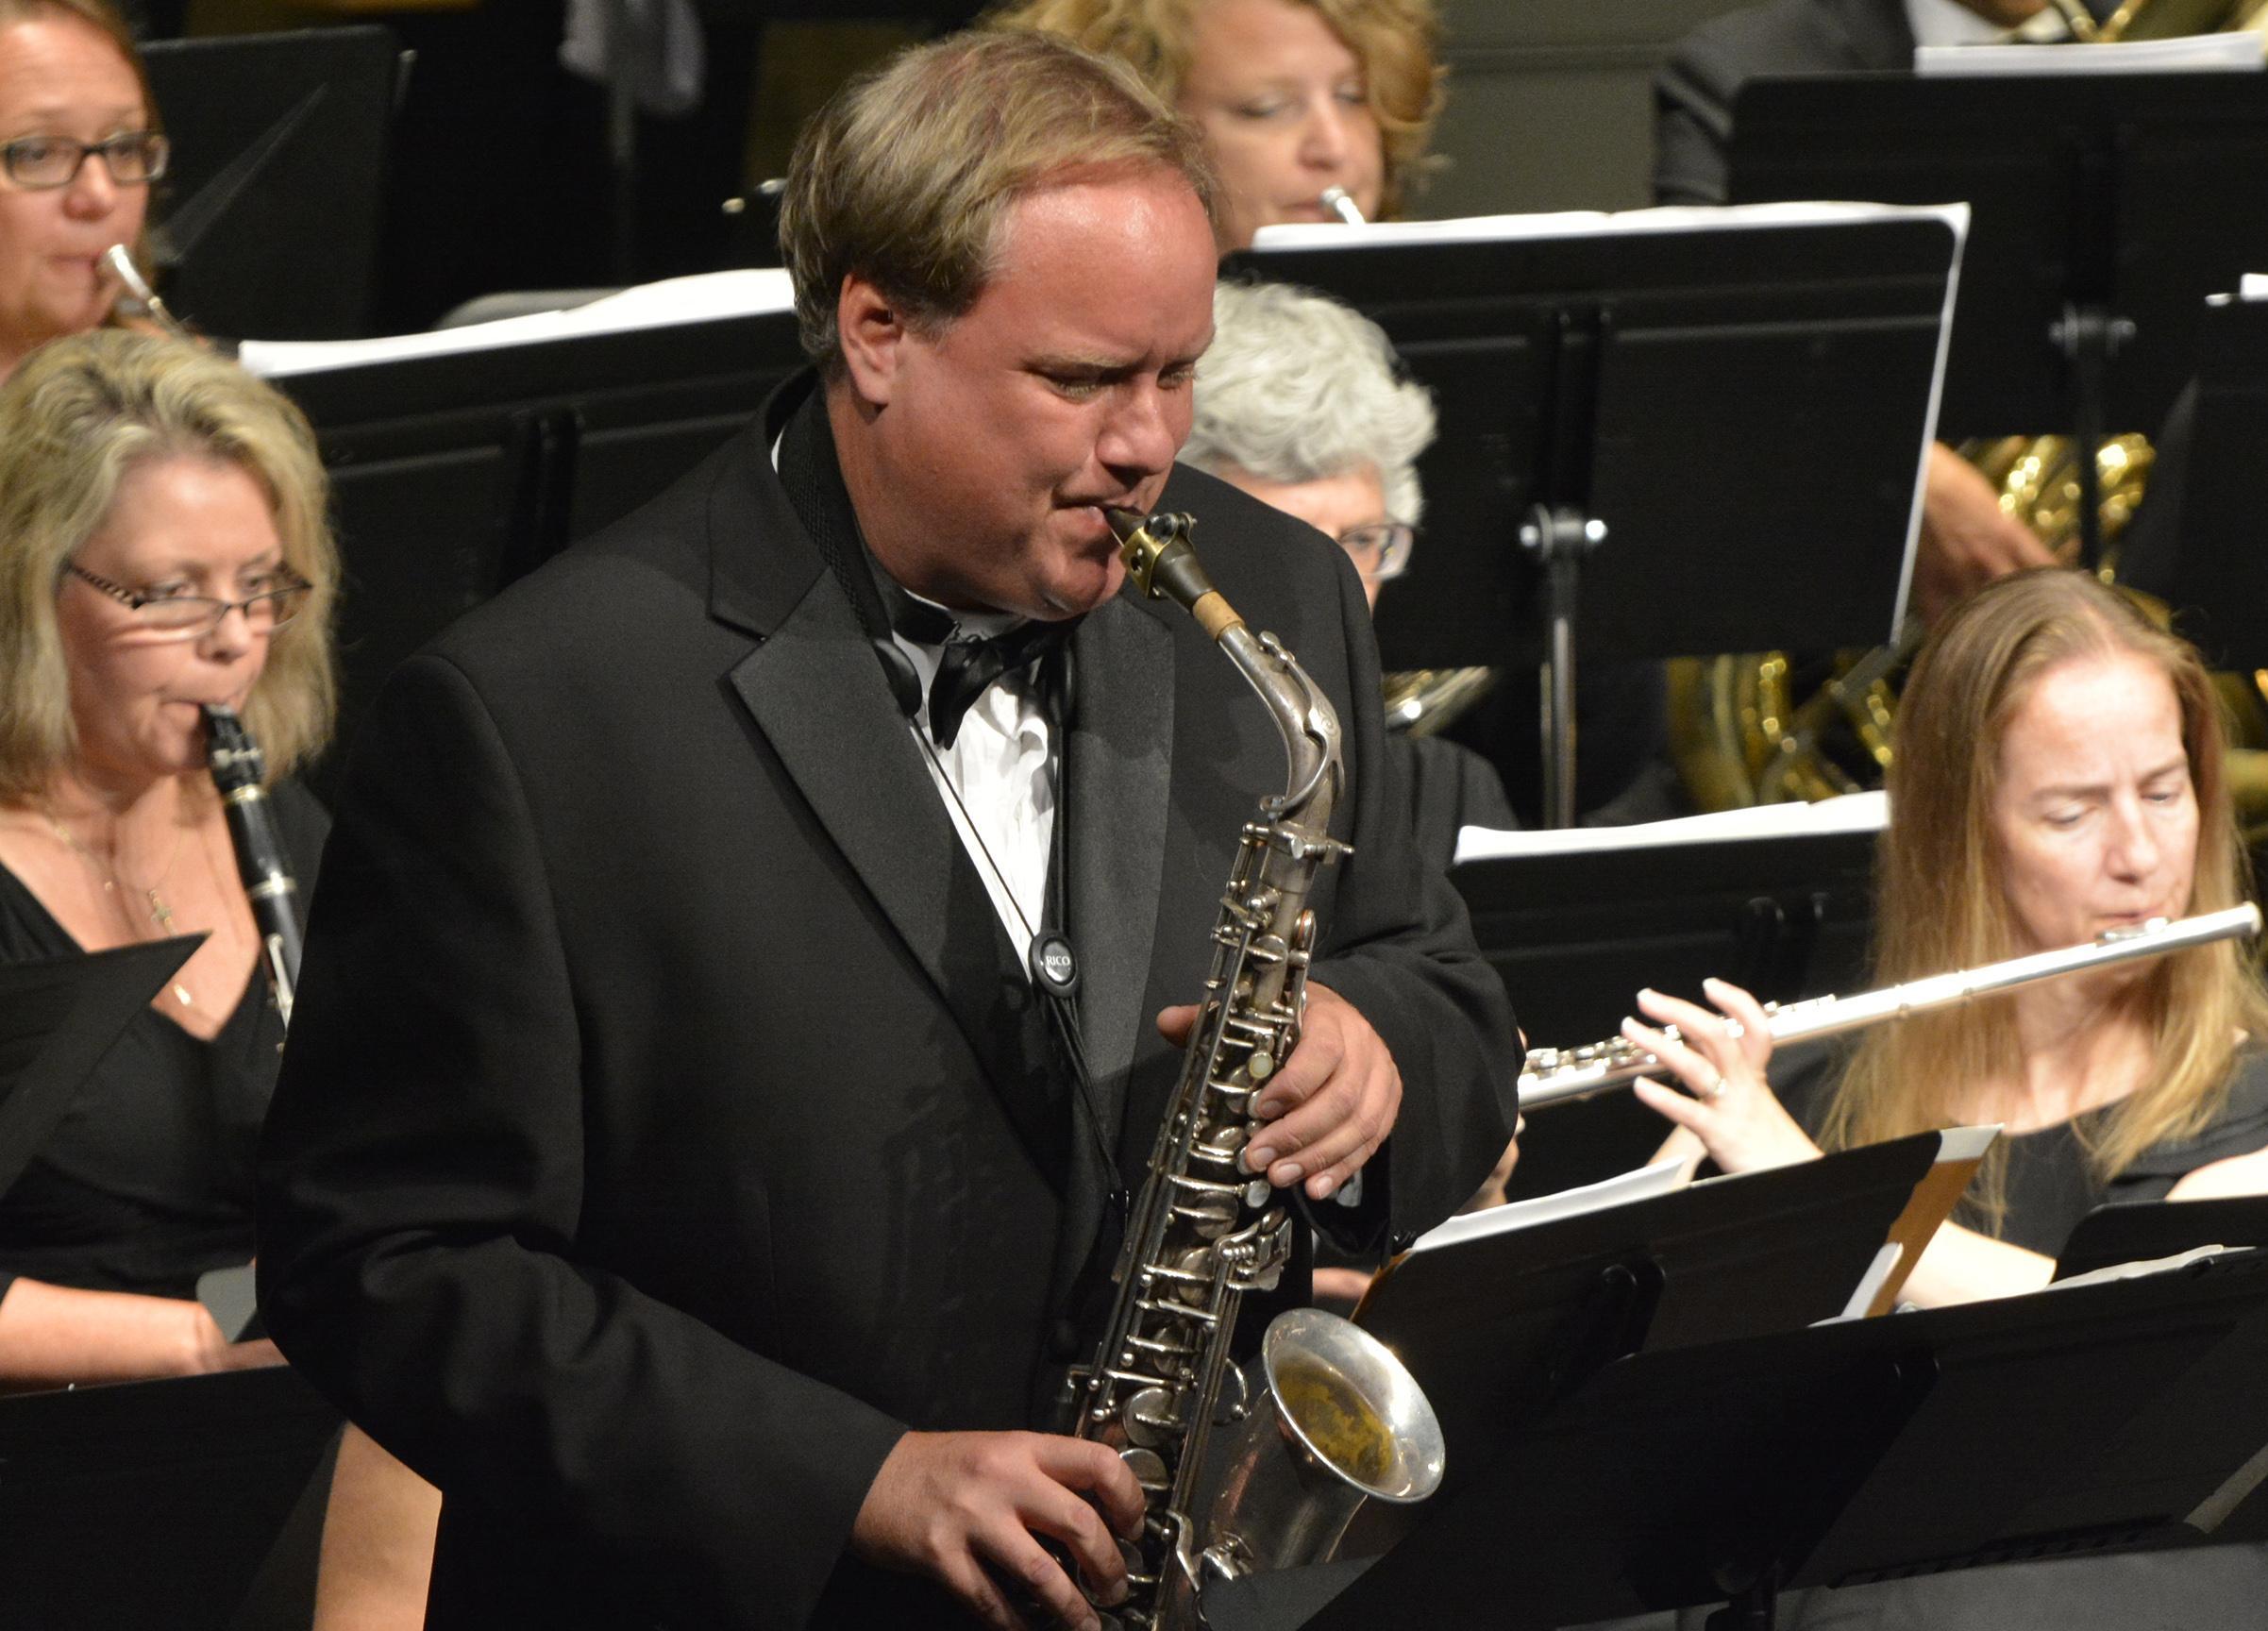 Trevor Jorgensen plays saxophone